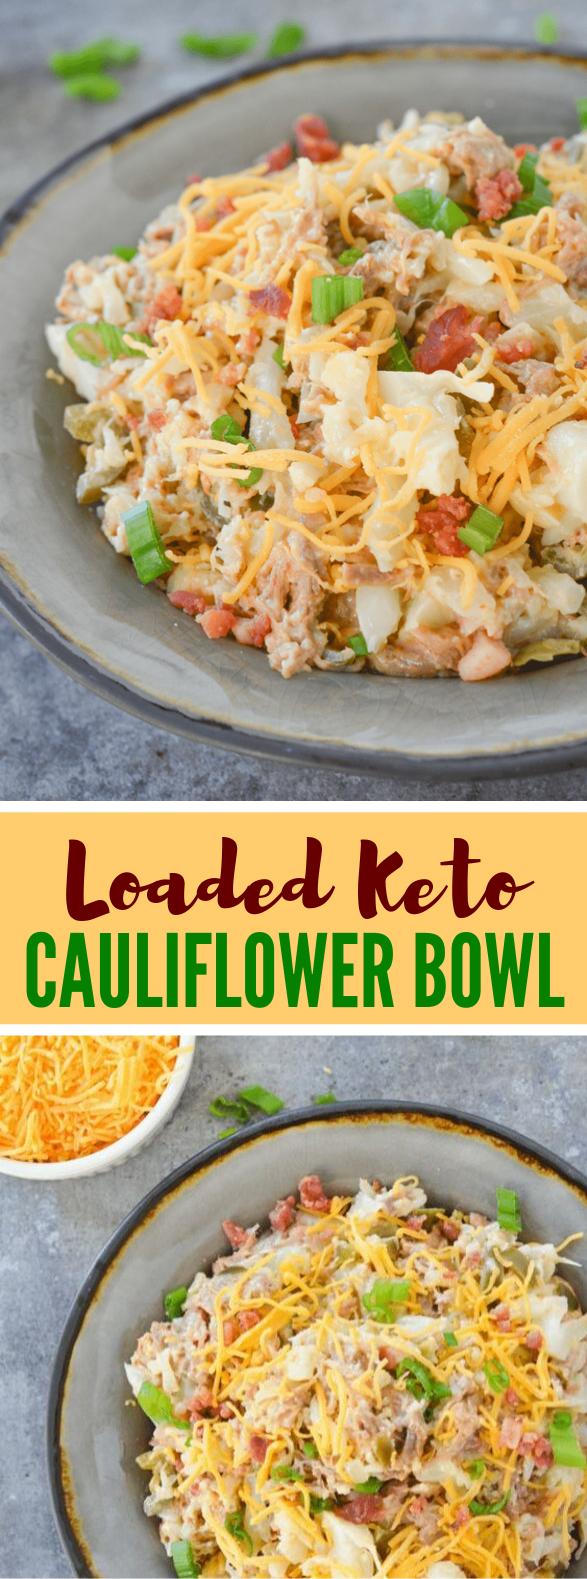 LOADED KETO CAULIFLOWER BOWL #ketodiet #lowcarb